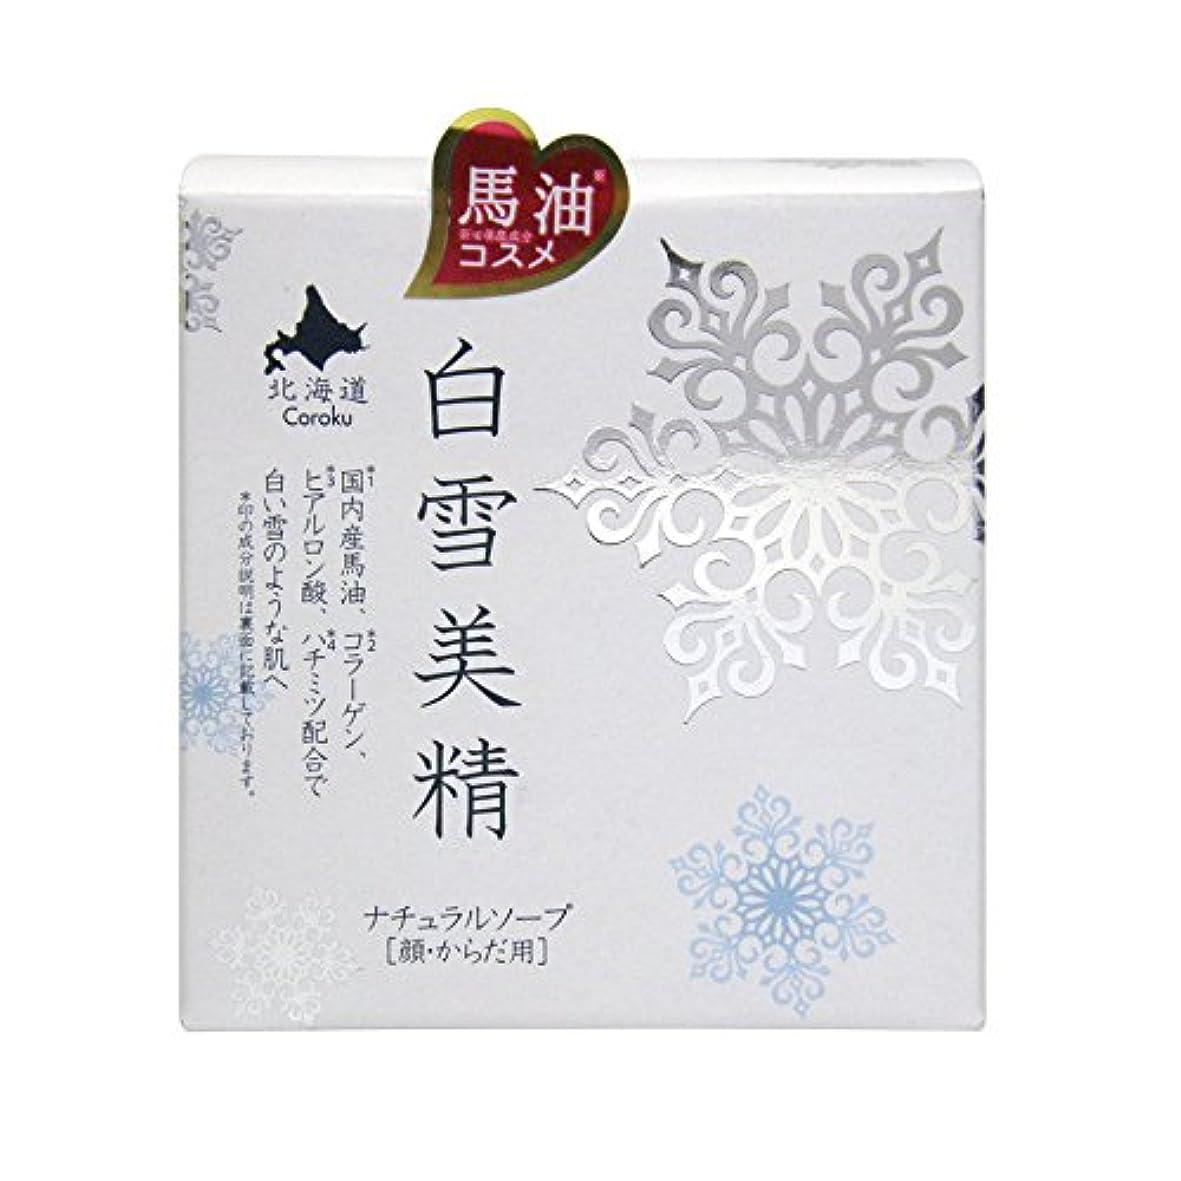 不合格保証する単なるCoroku 白雪美精 ナチュラルソープ(顔?からだ用) 100g